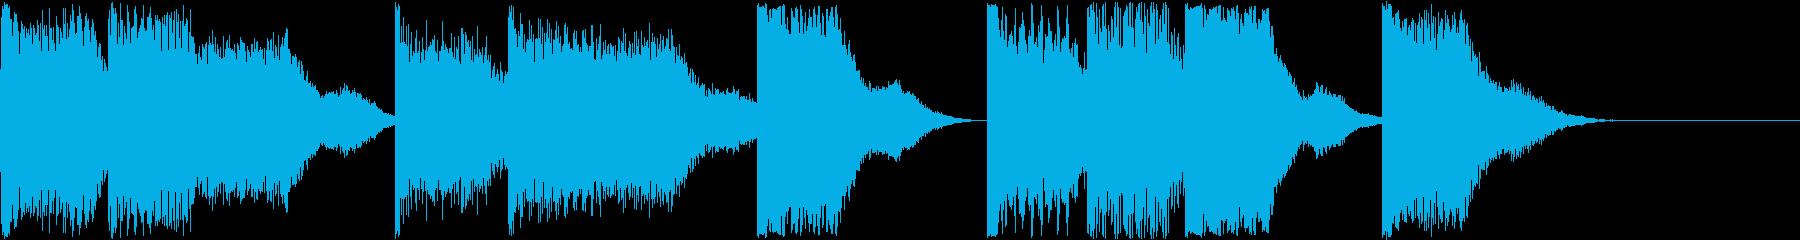 AI メカ/ロボ/マシン動作音 6の再生済みの波形